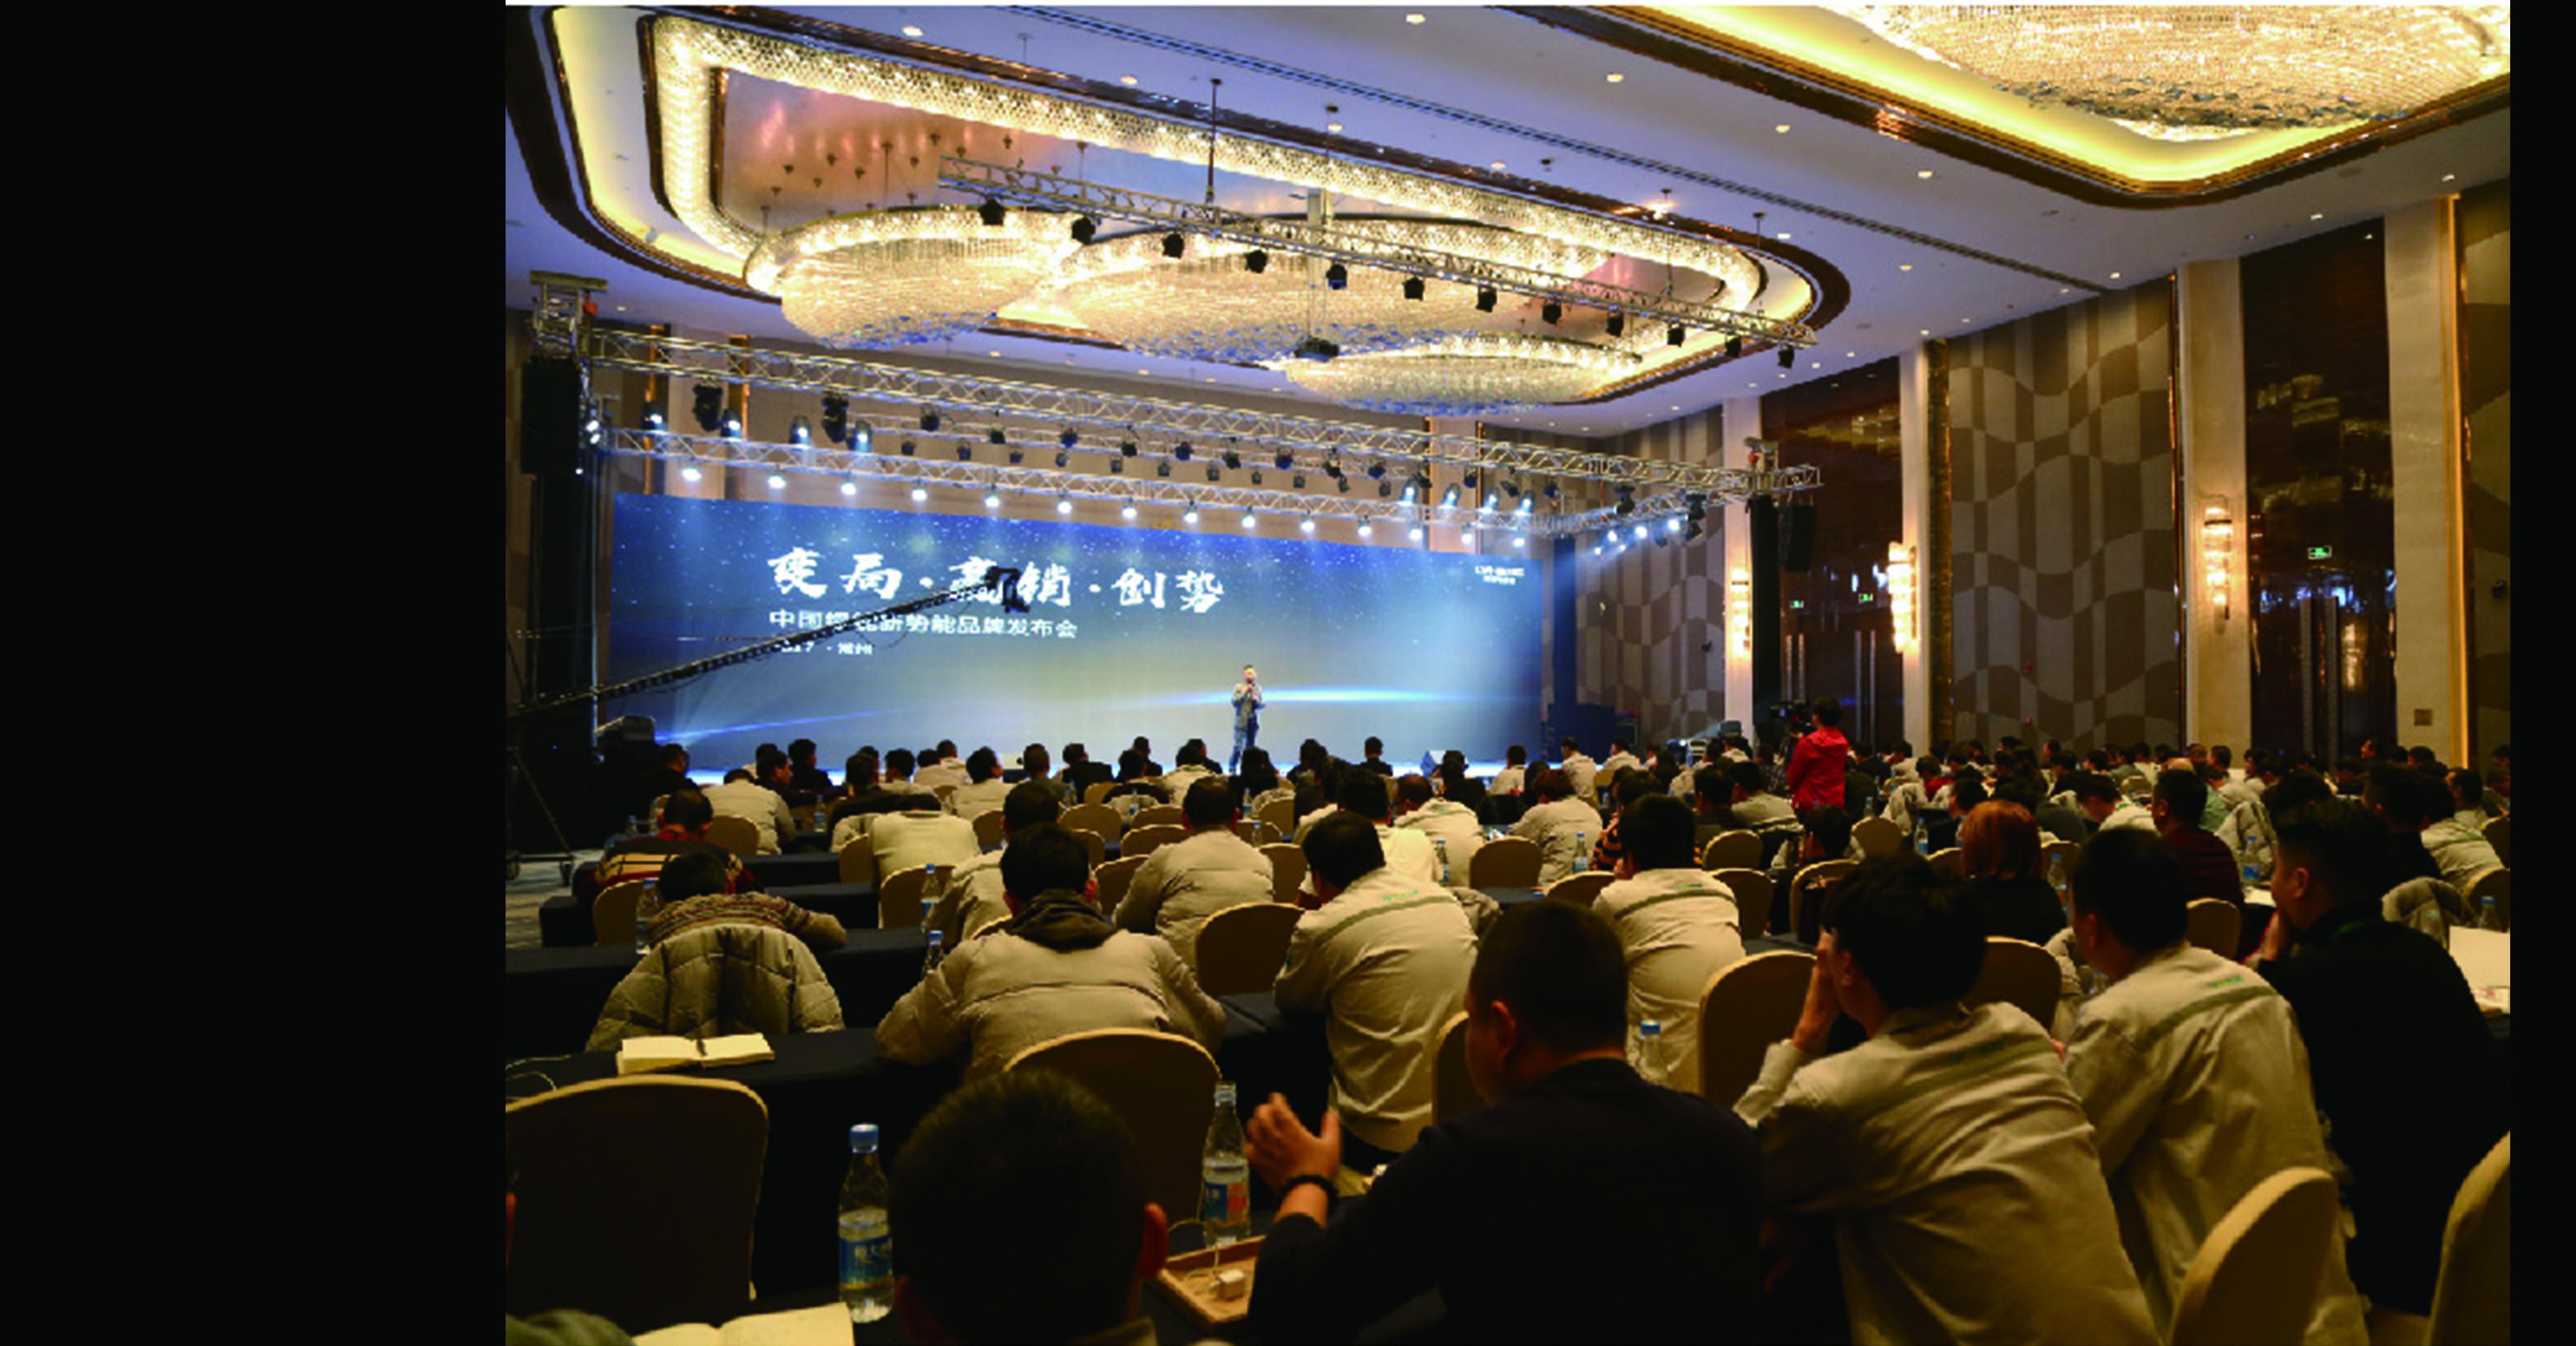 """2002年 提出""""走出江苏,拓展全国""""长期发展战略。"""